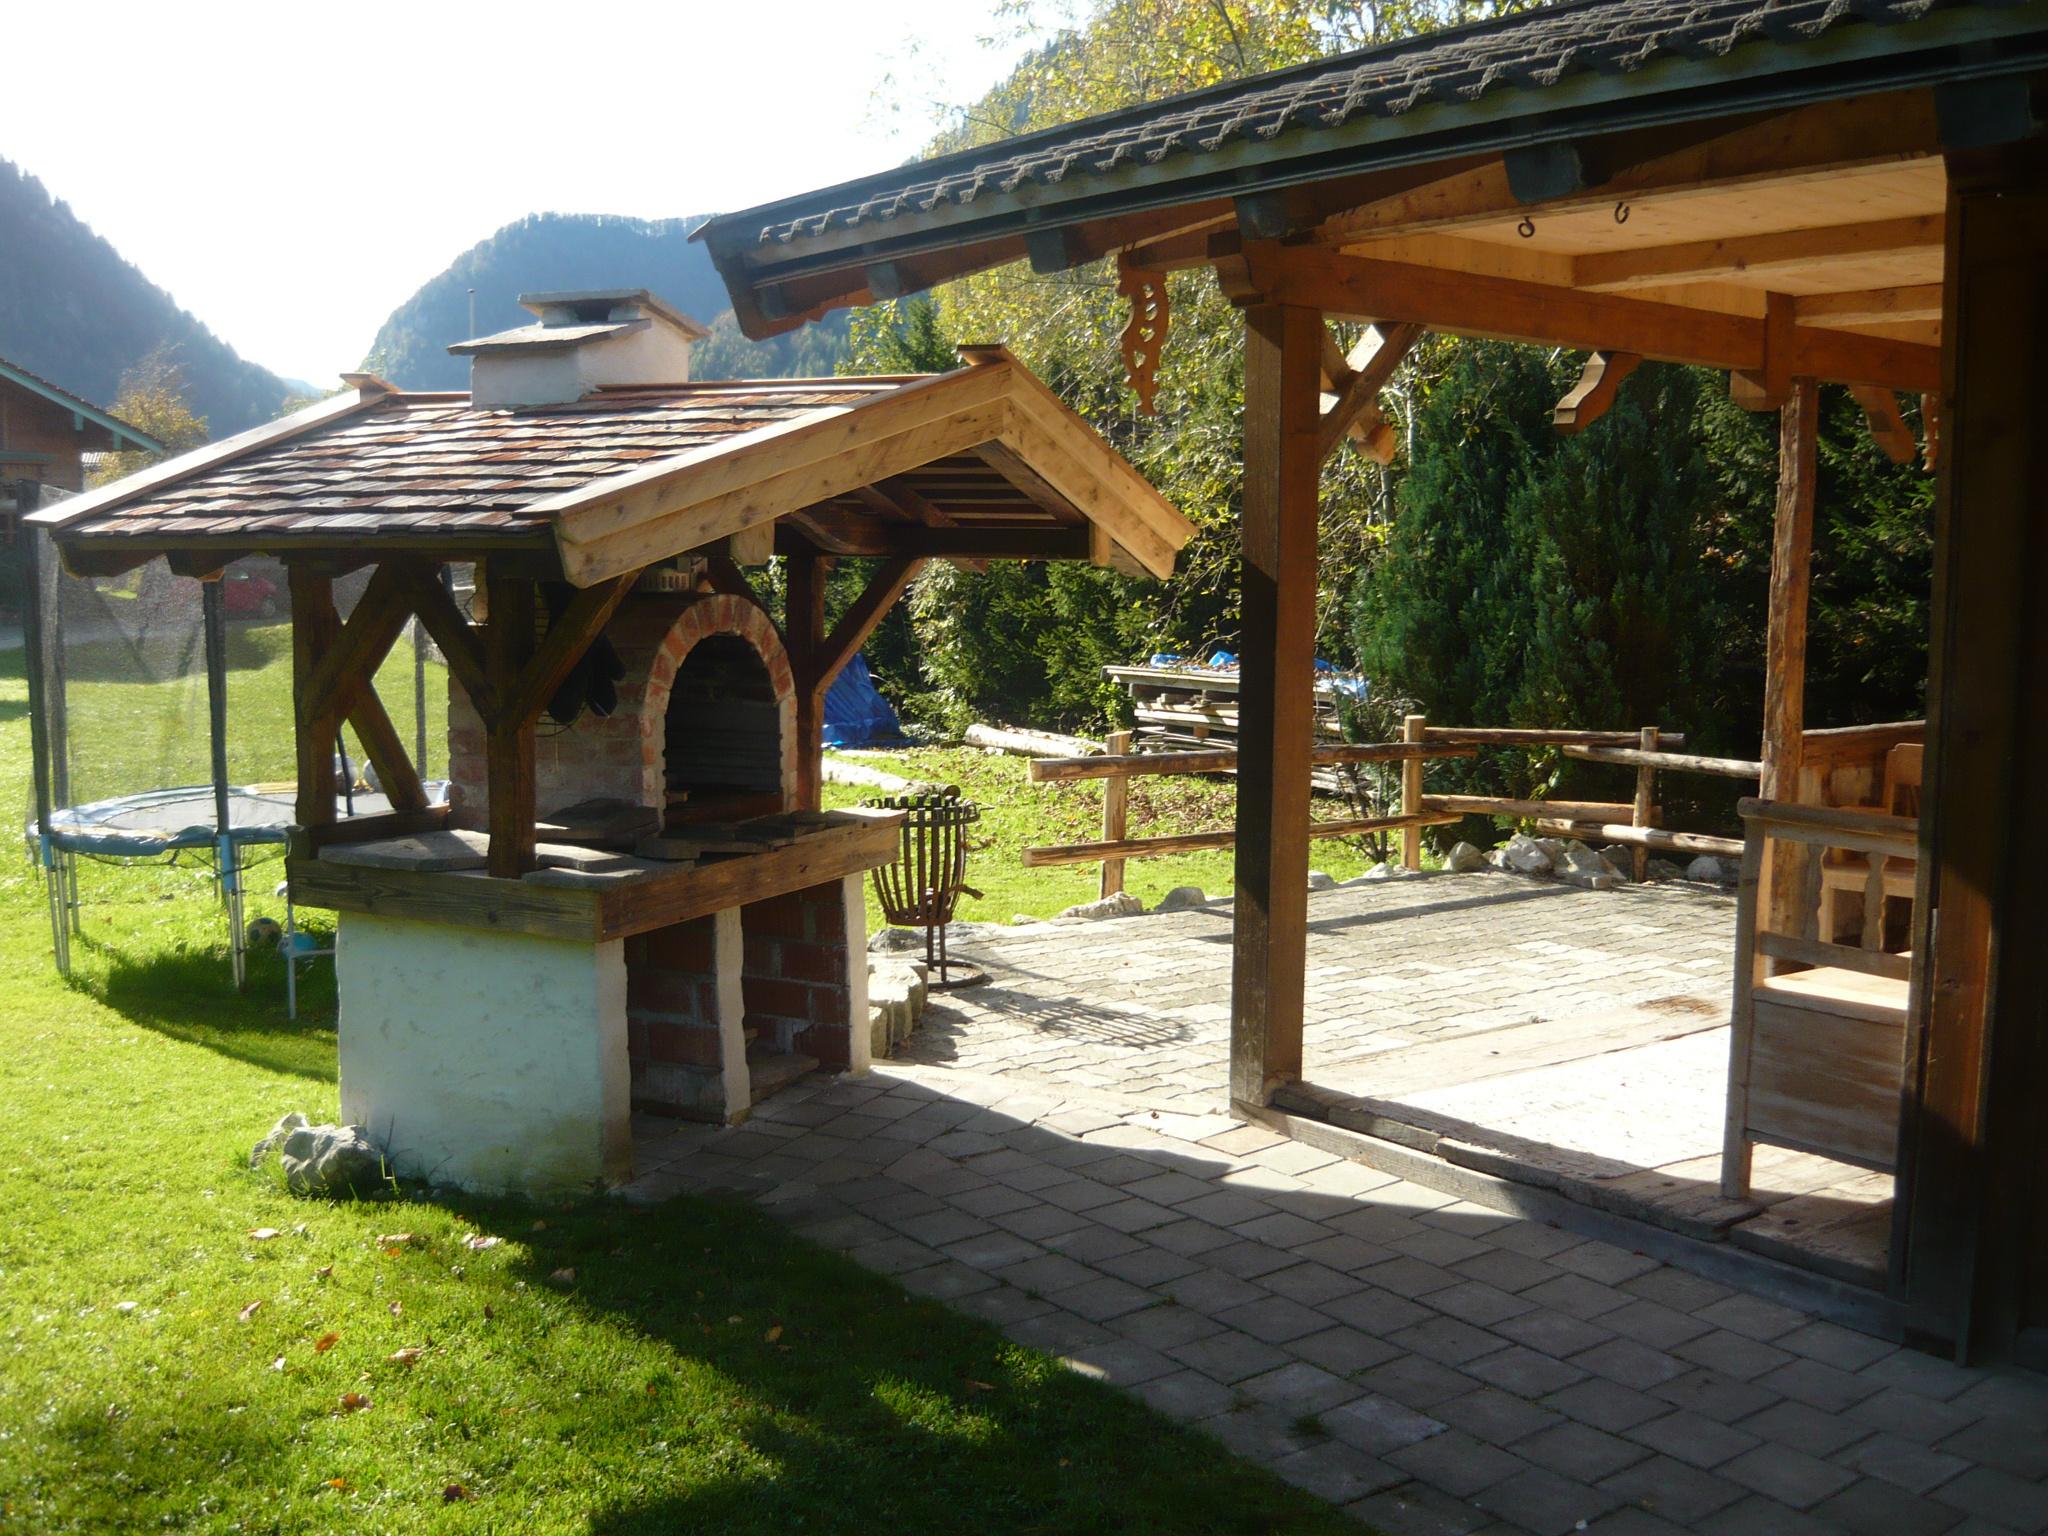 Appartement de vacances Gästehaus Kress - Chiemgau Karte (DE Inzell). Ferienwohnung 2 für 4 Personen, 1 Schlaf- un (712315), Inzell, Chiemgau, Bavière, Allemagne, image 5